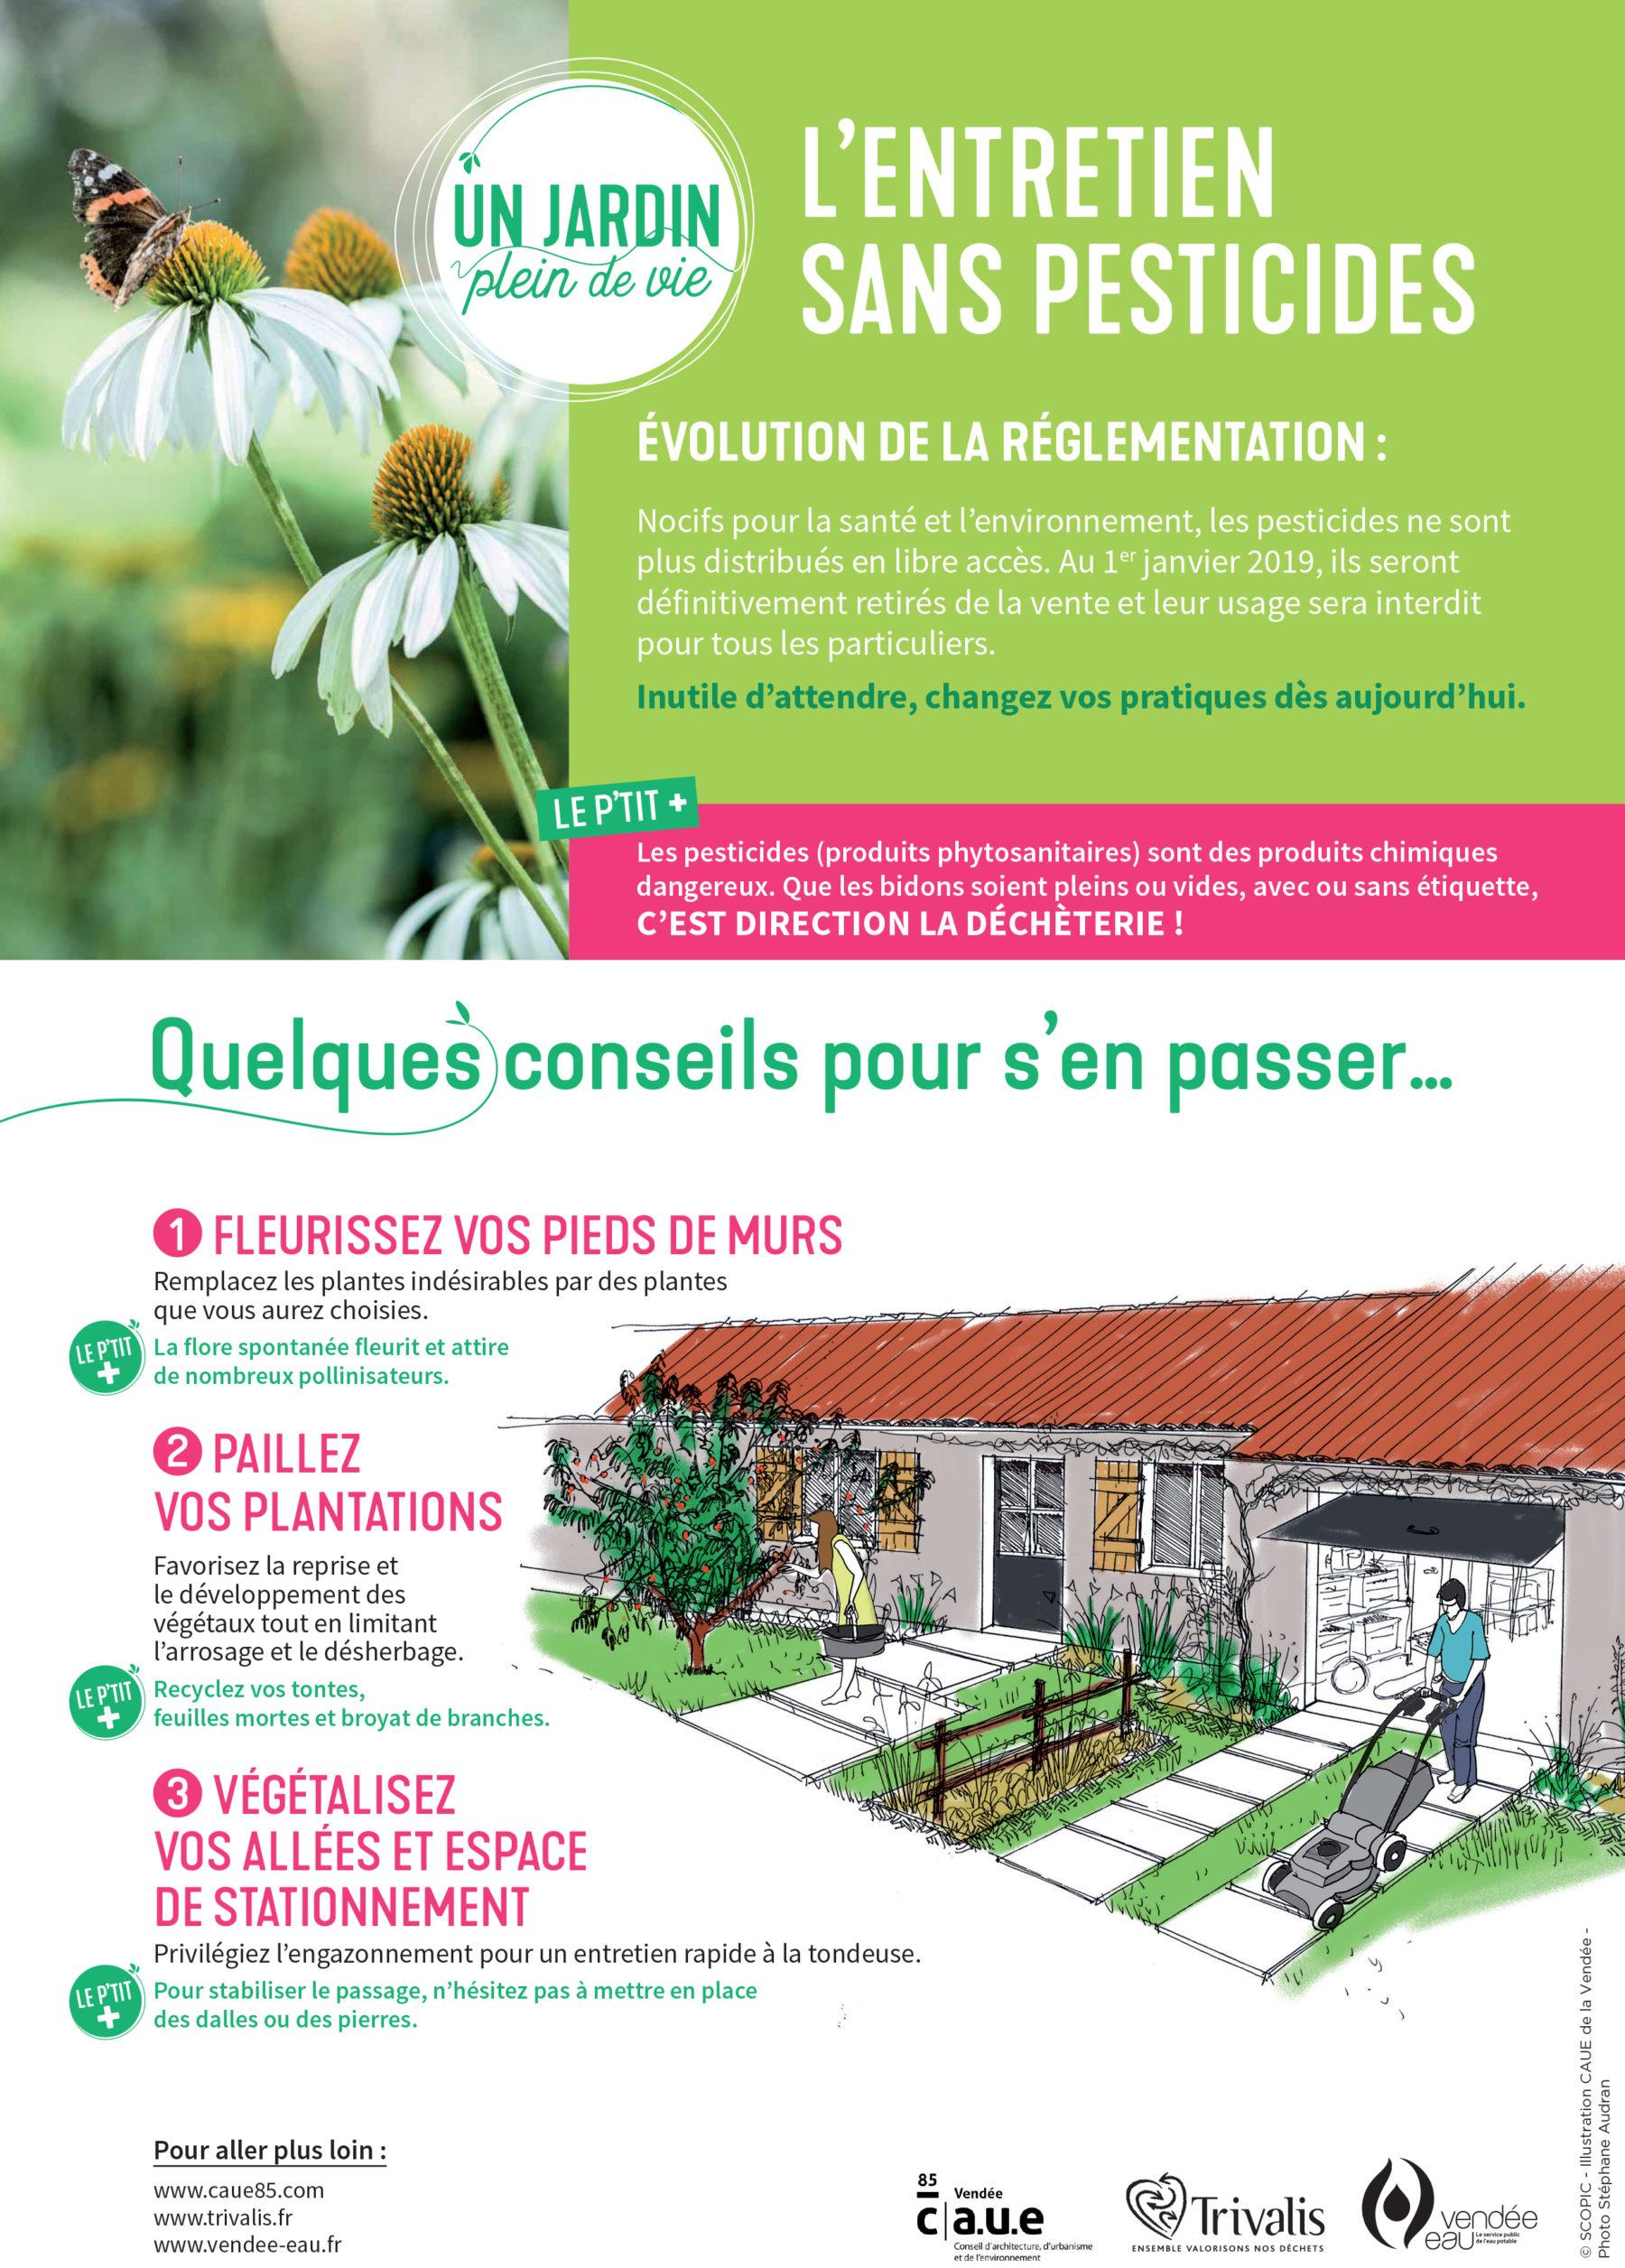 article-1-jardinpleindevie_l entretien sans pesticide